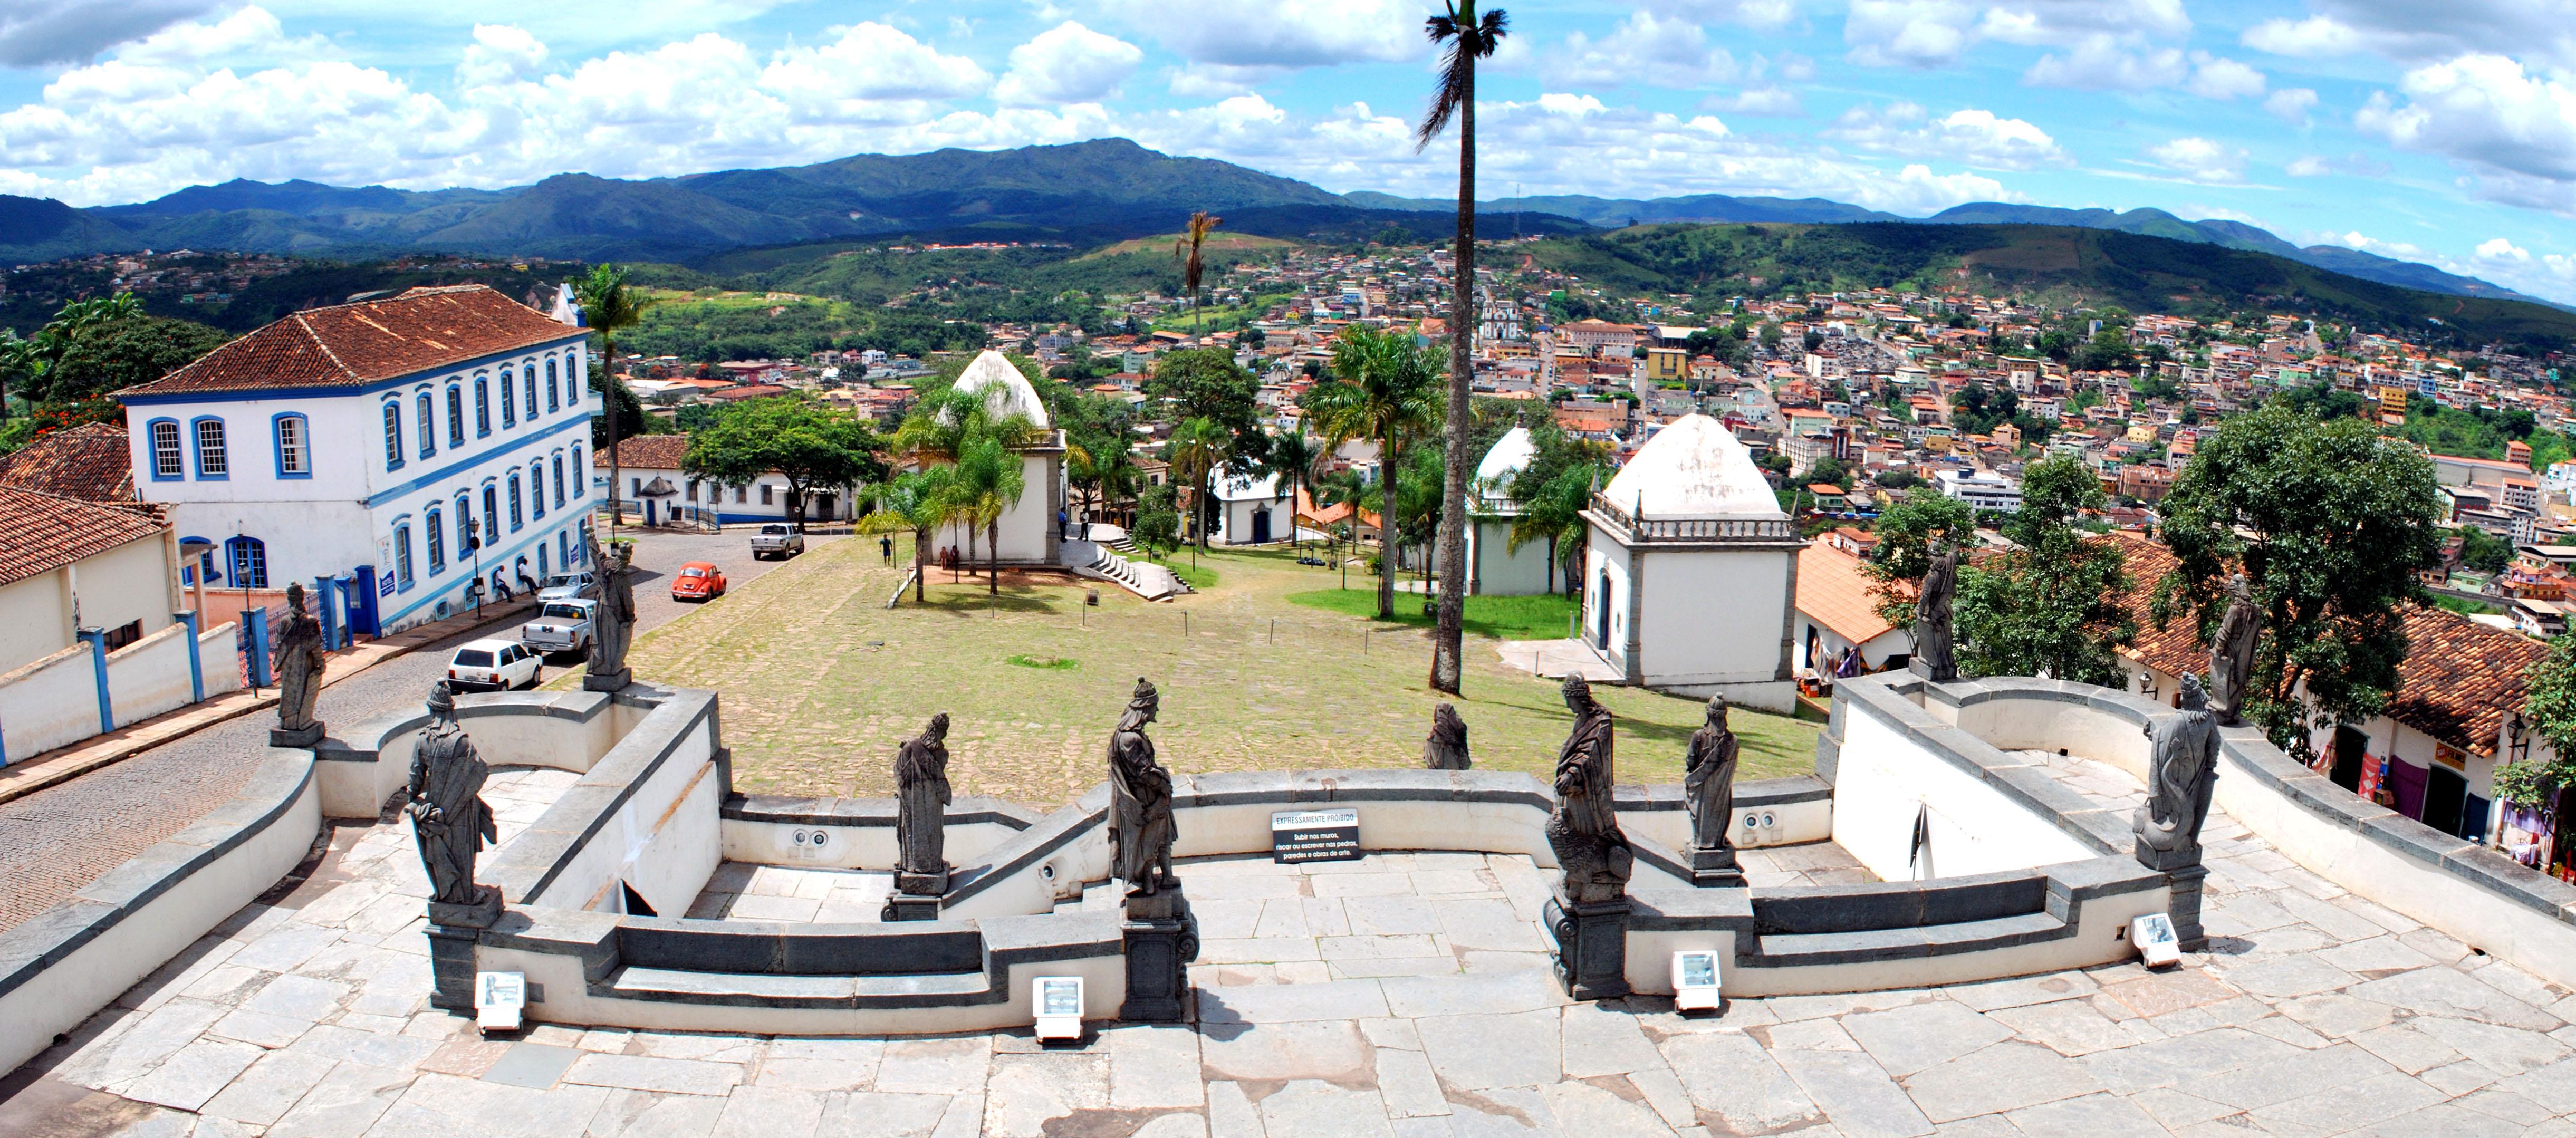 Conjunto Arquitetônico e Urbanístico de Congonhas - vista a partir do Santuário de Bom Jesus de Matozinhos.